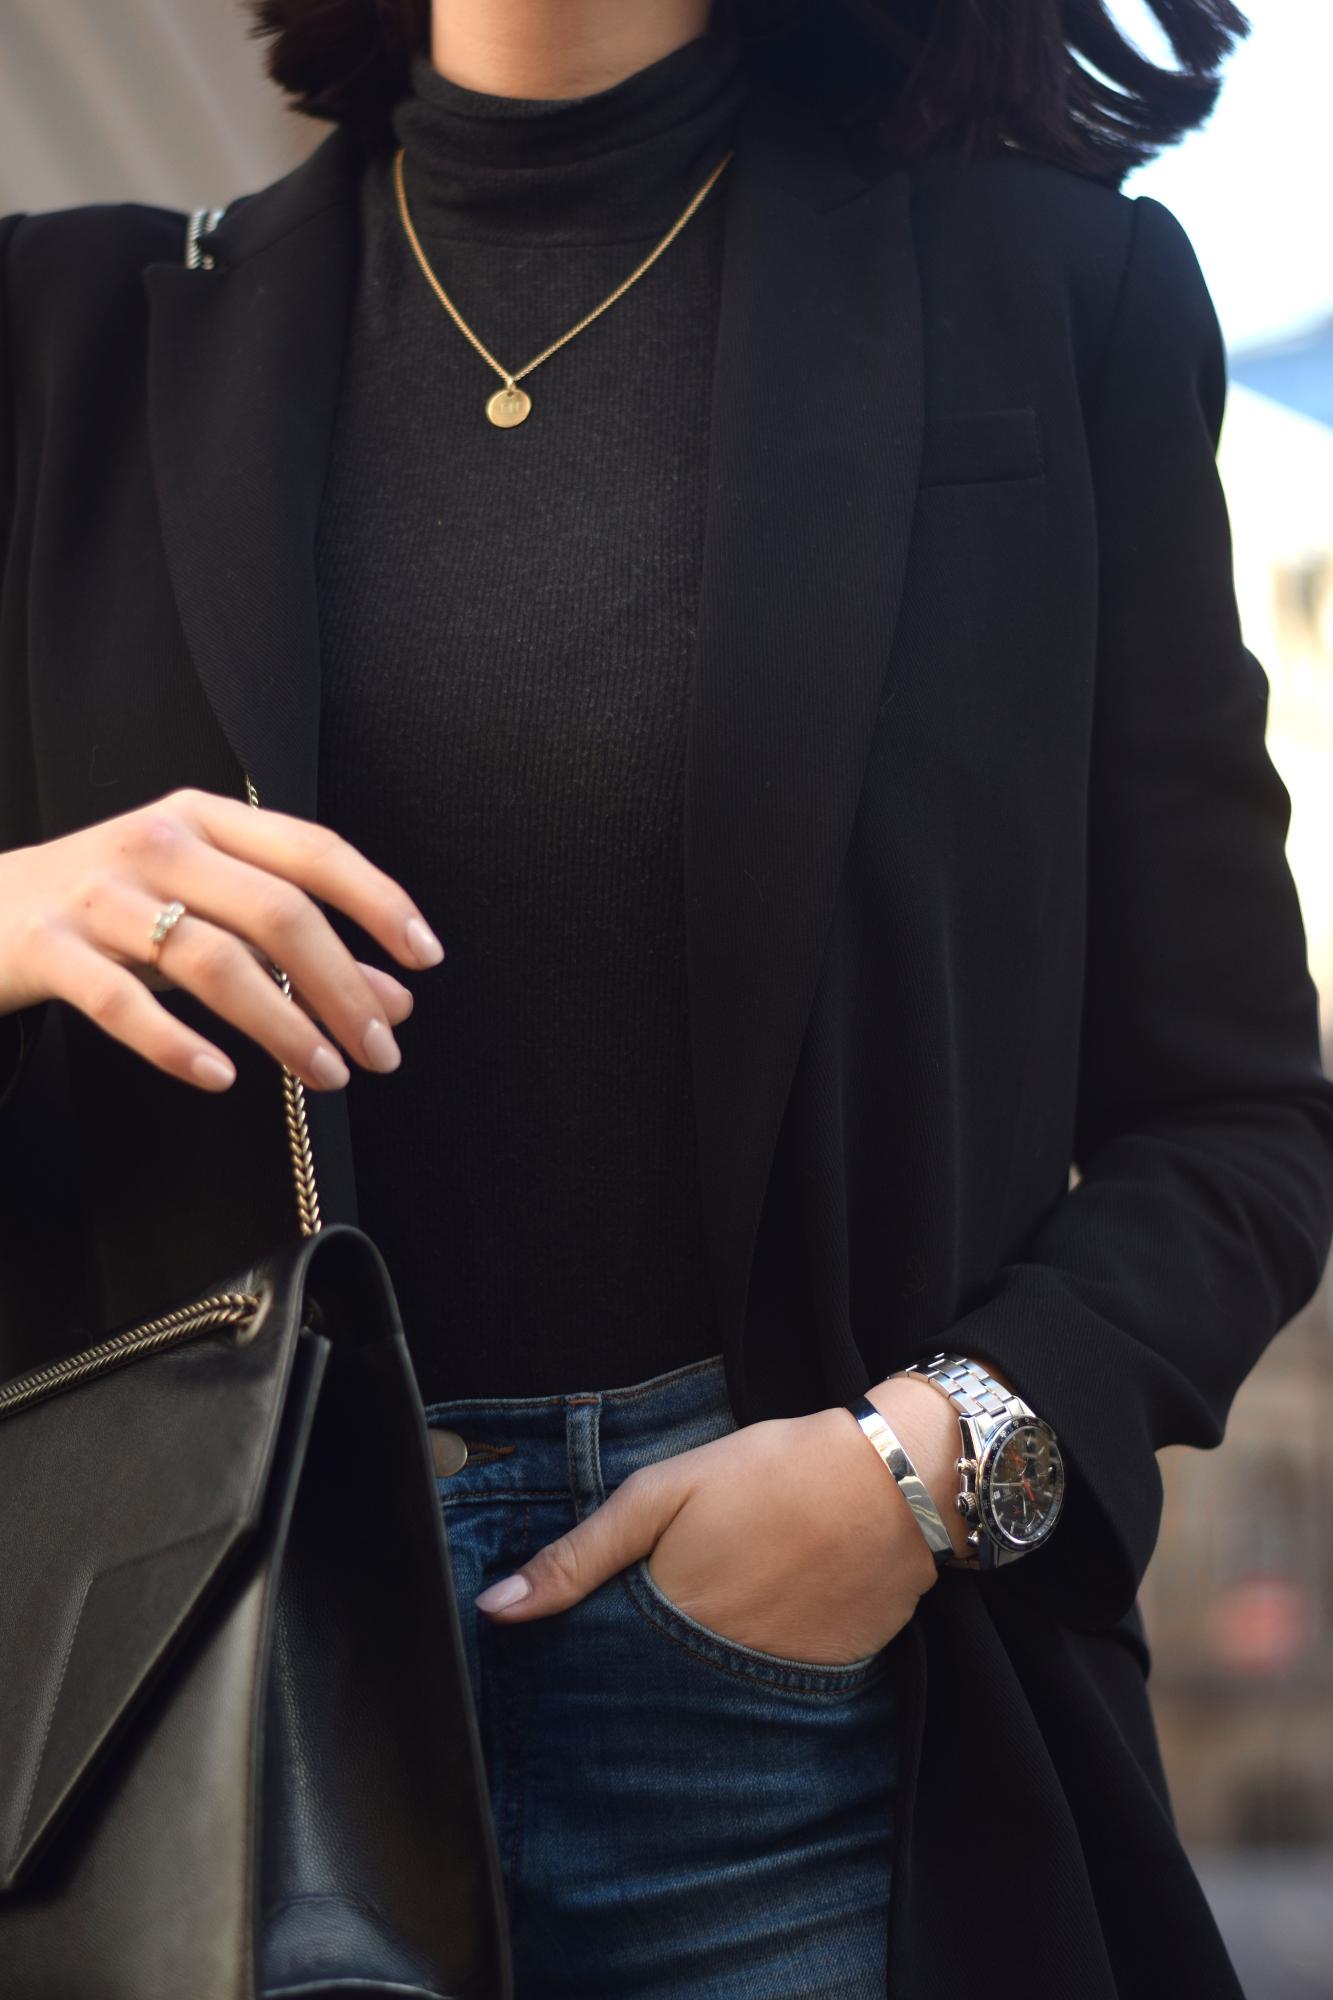 Thomas Sabo Jewelery Blogger